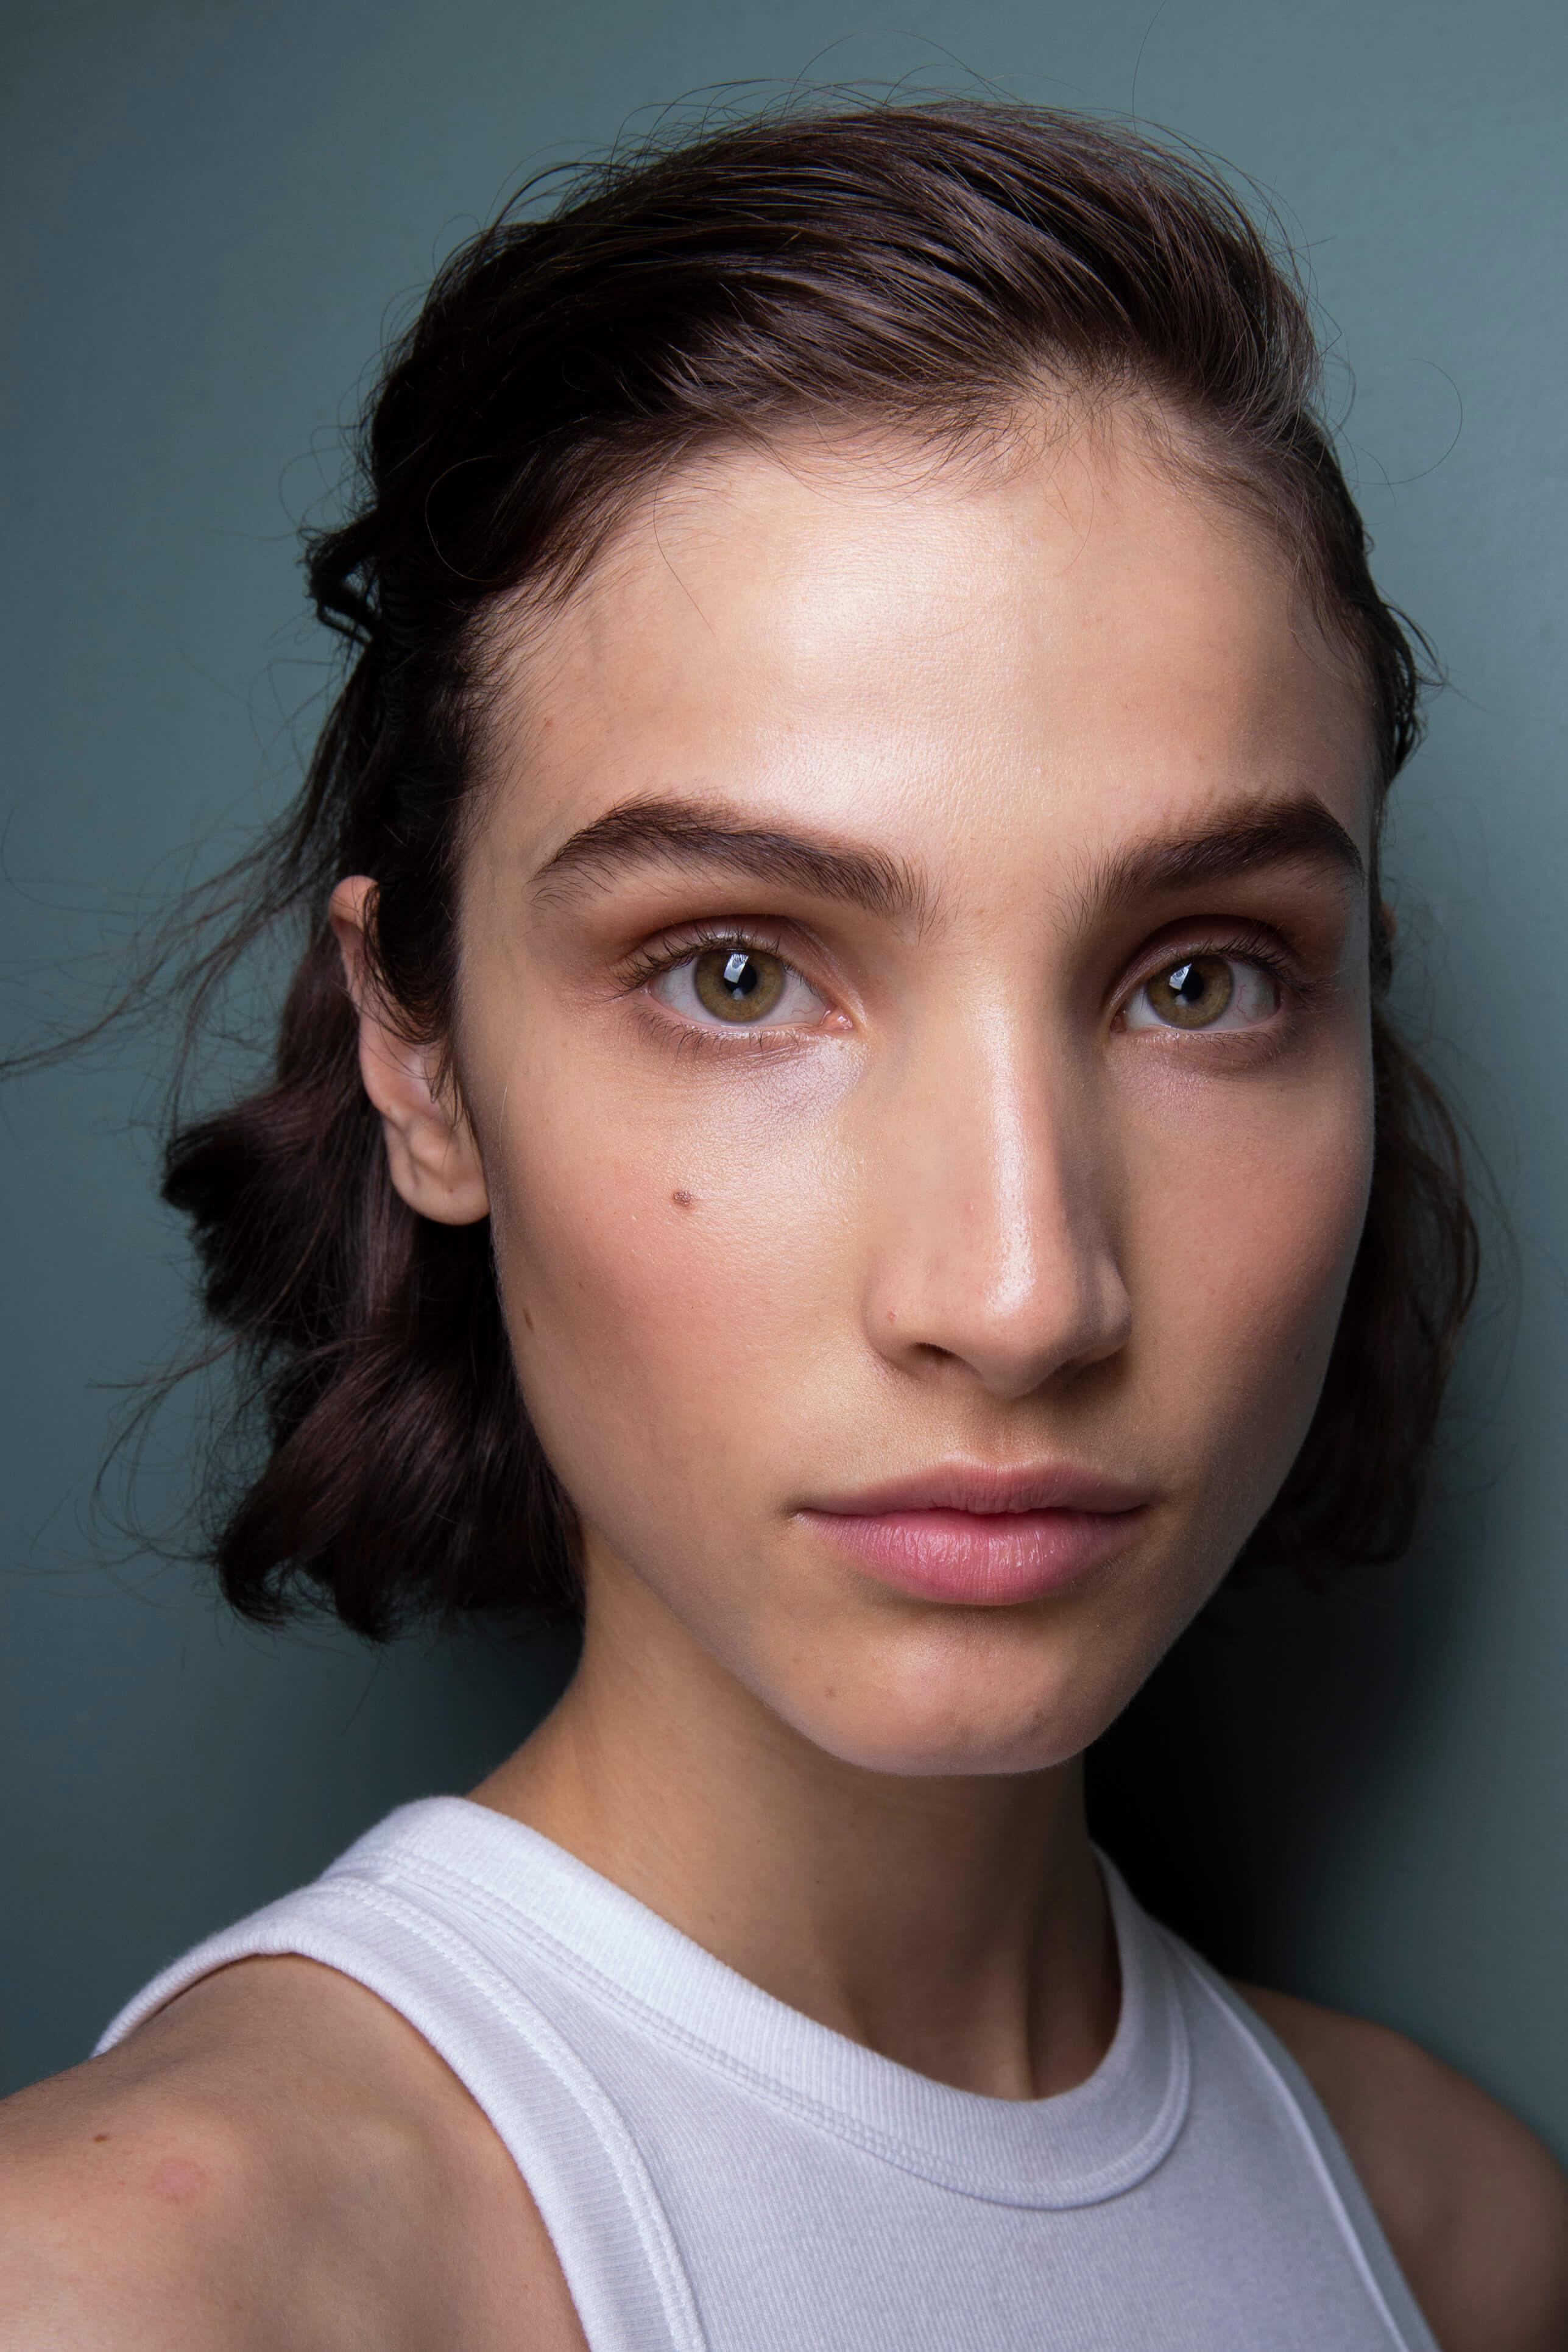 jak pielęgnować i stylizować brwi